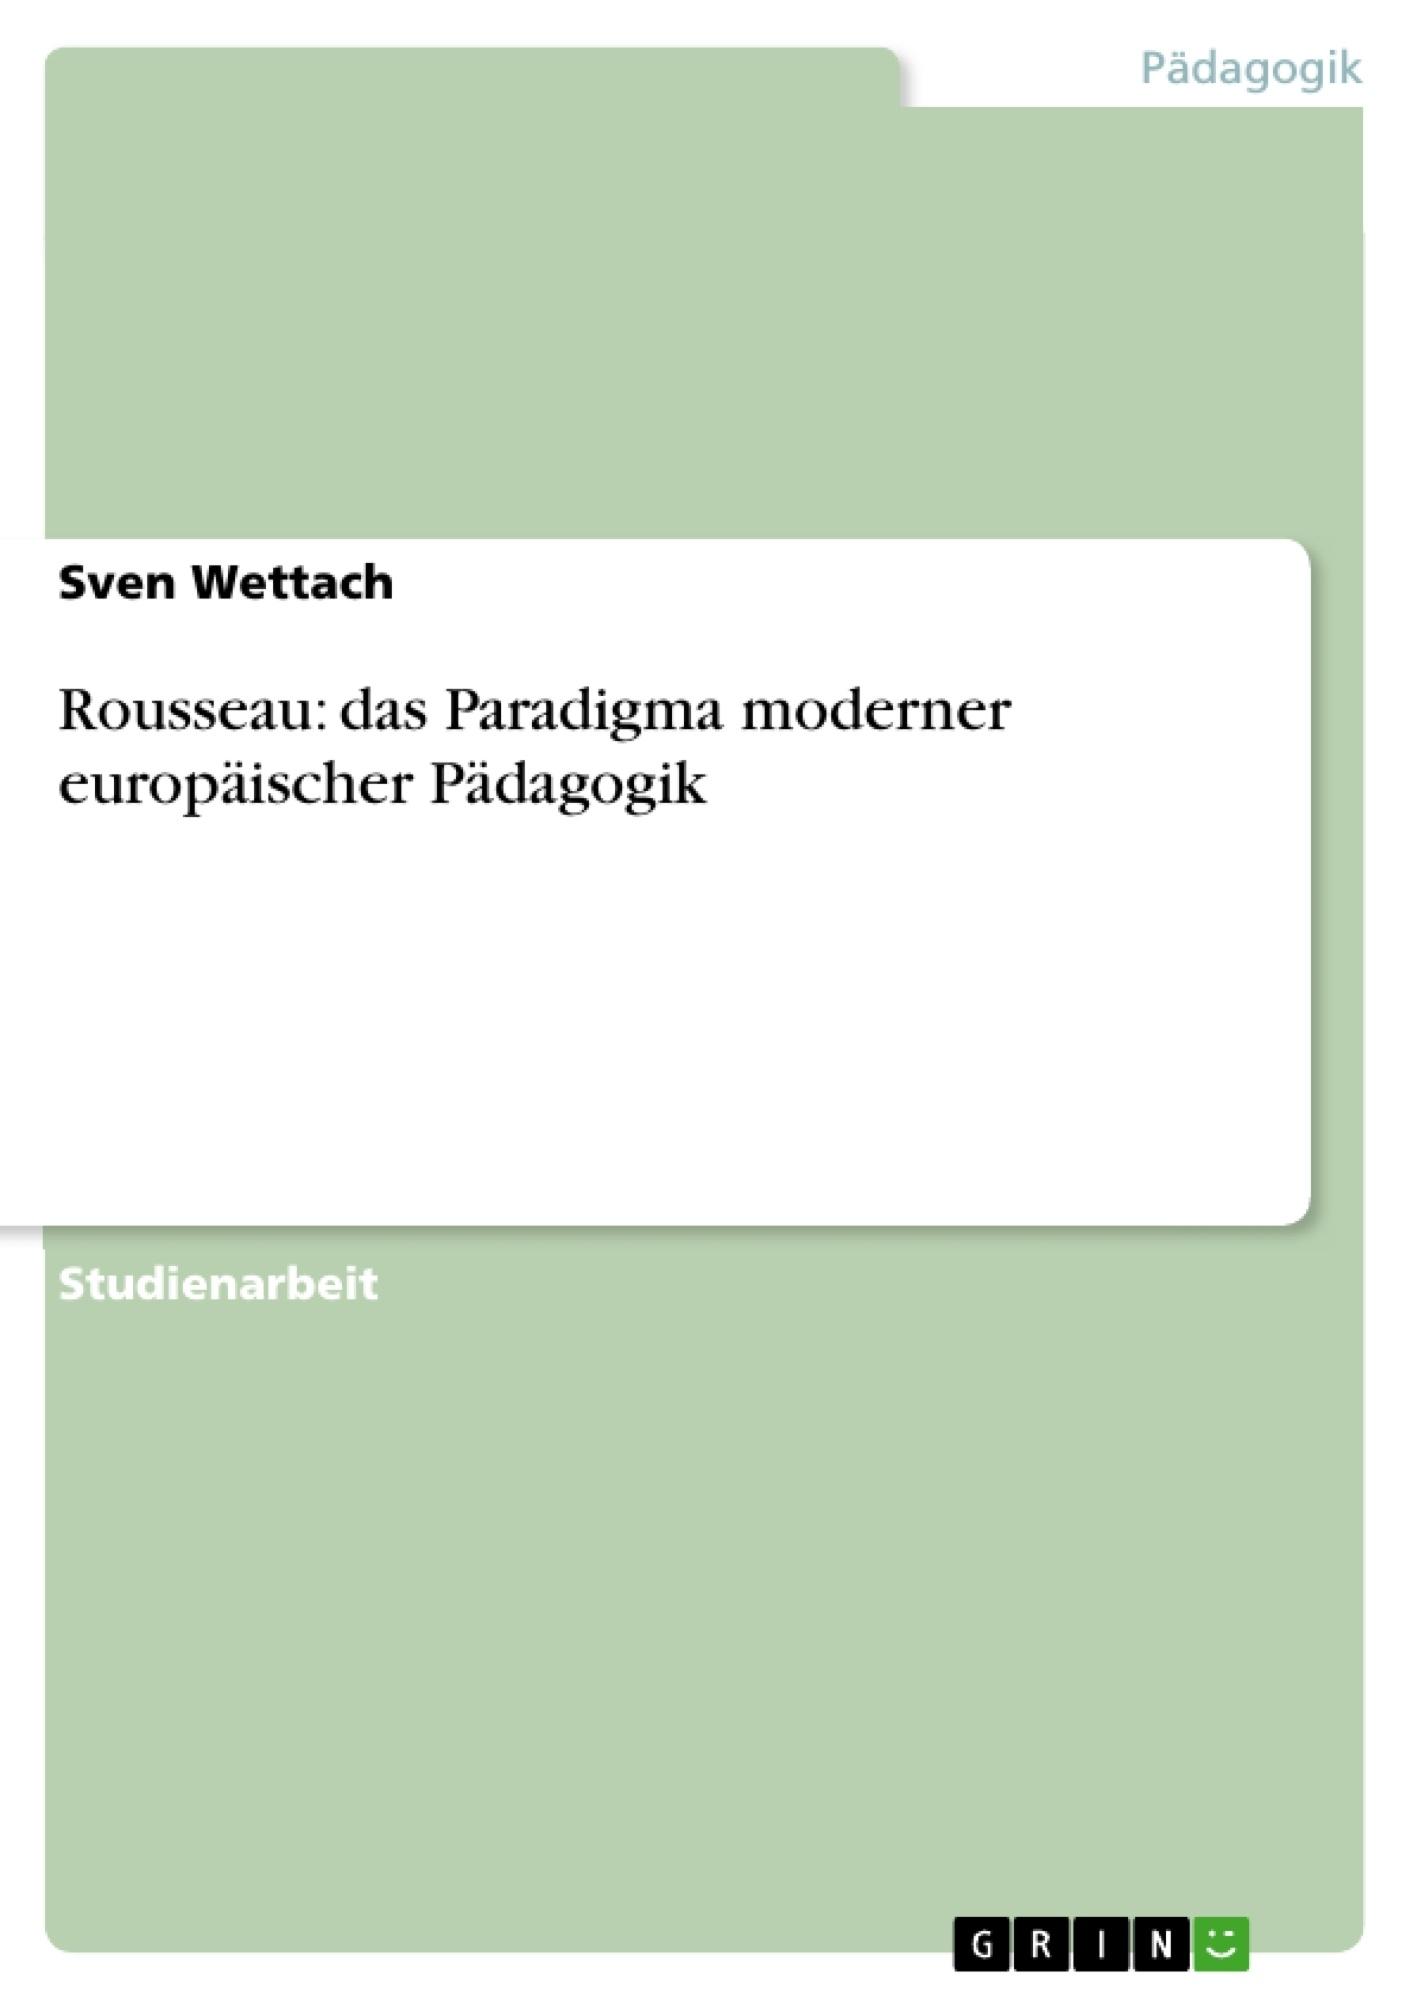 Titel: Rousseau: das Paradigma moderner europäischer Pädagogik